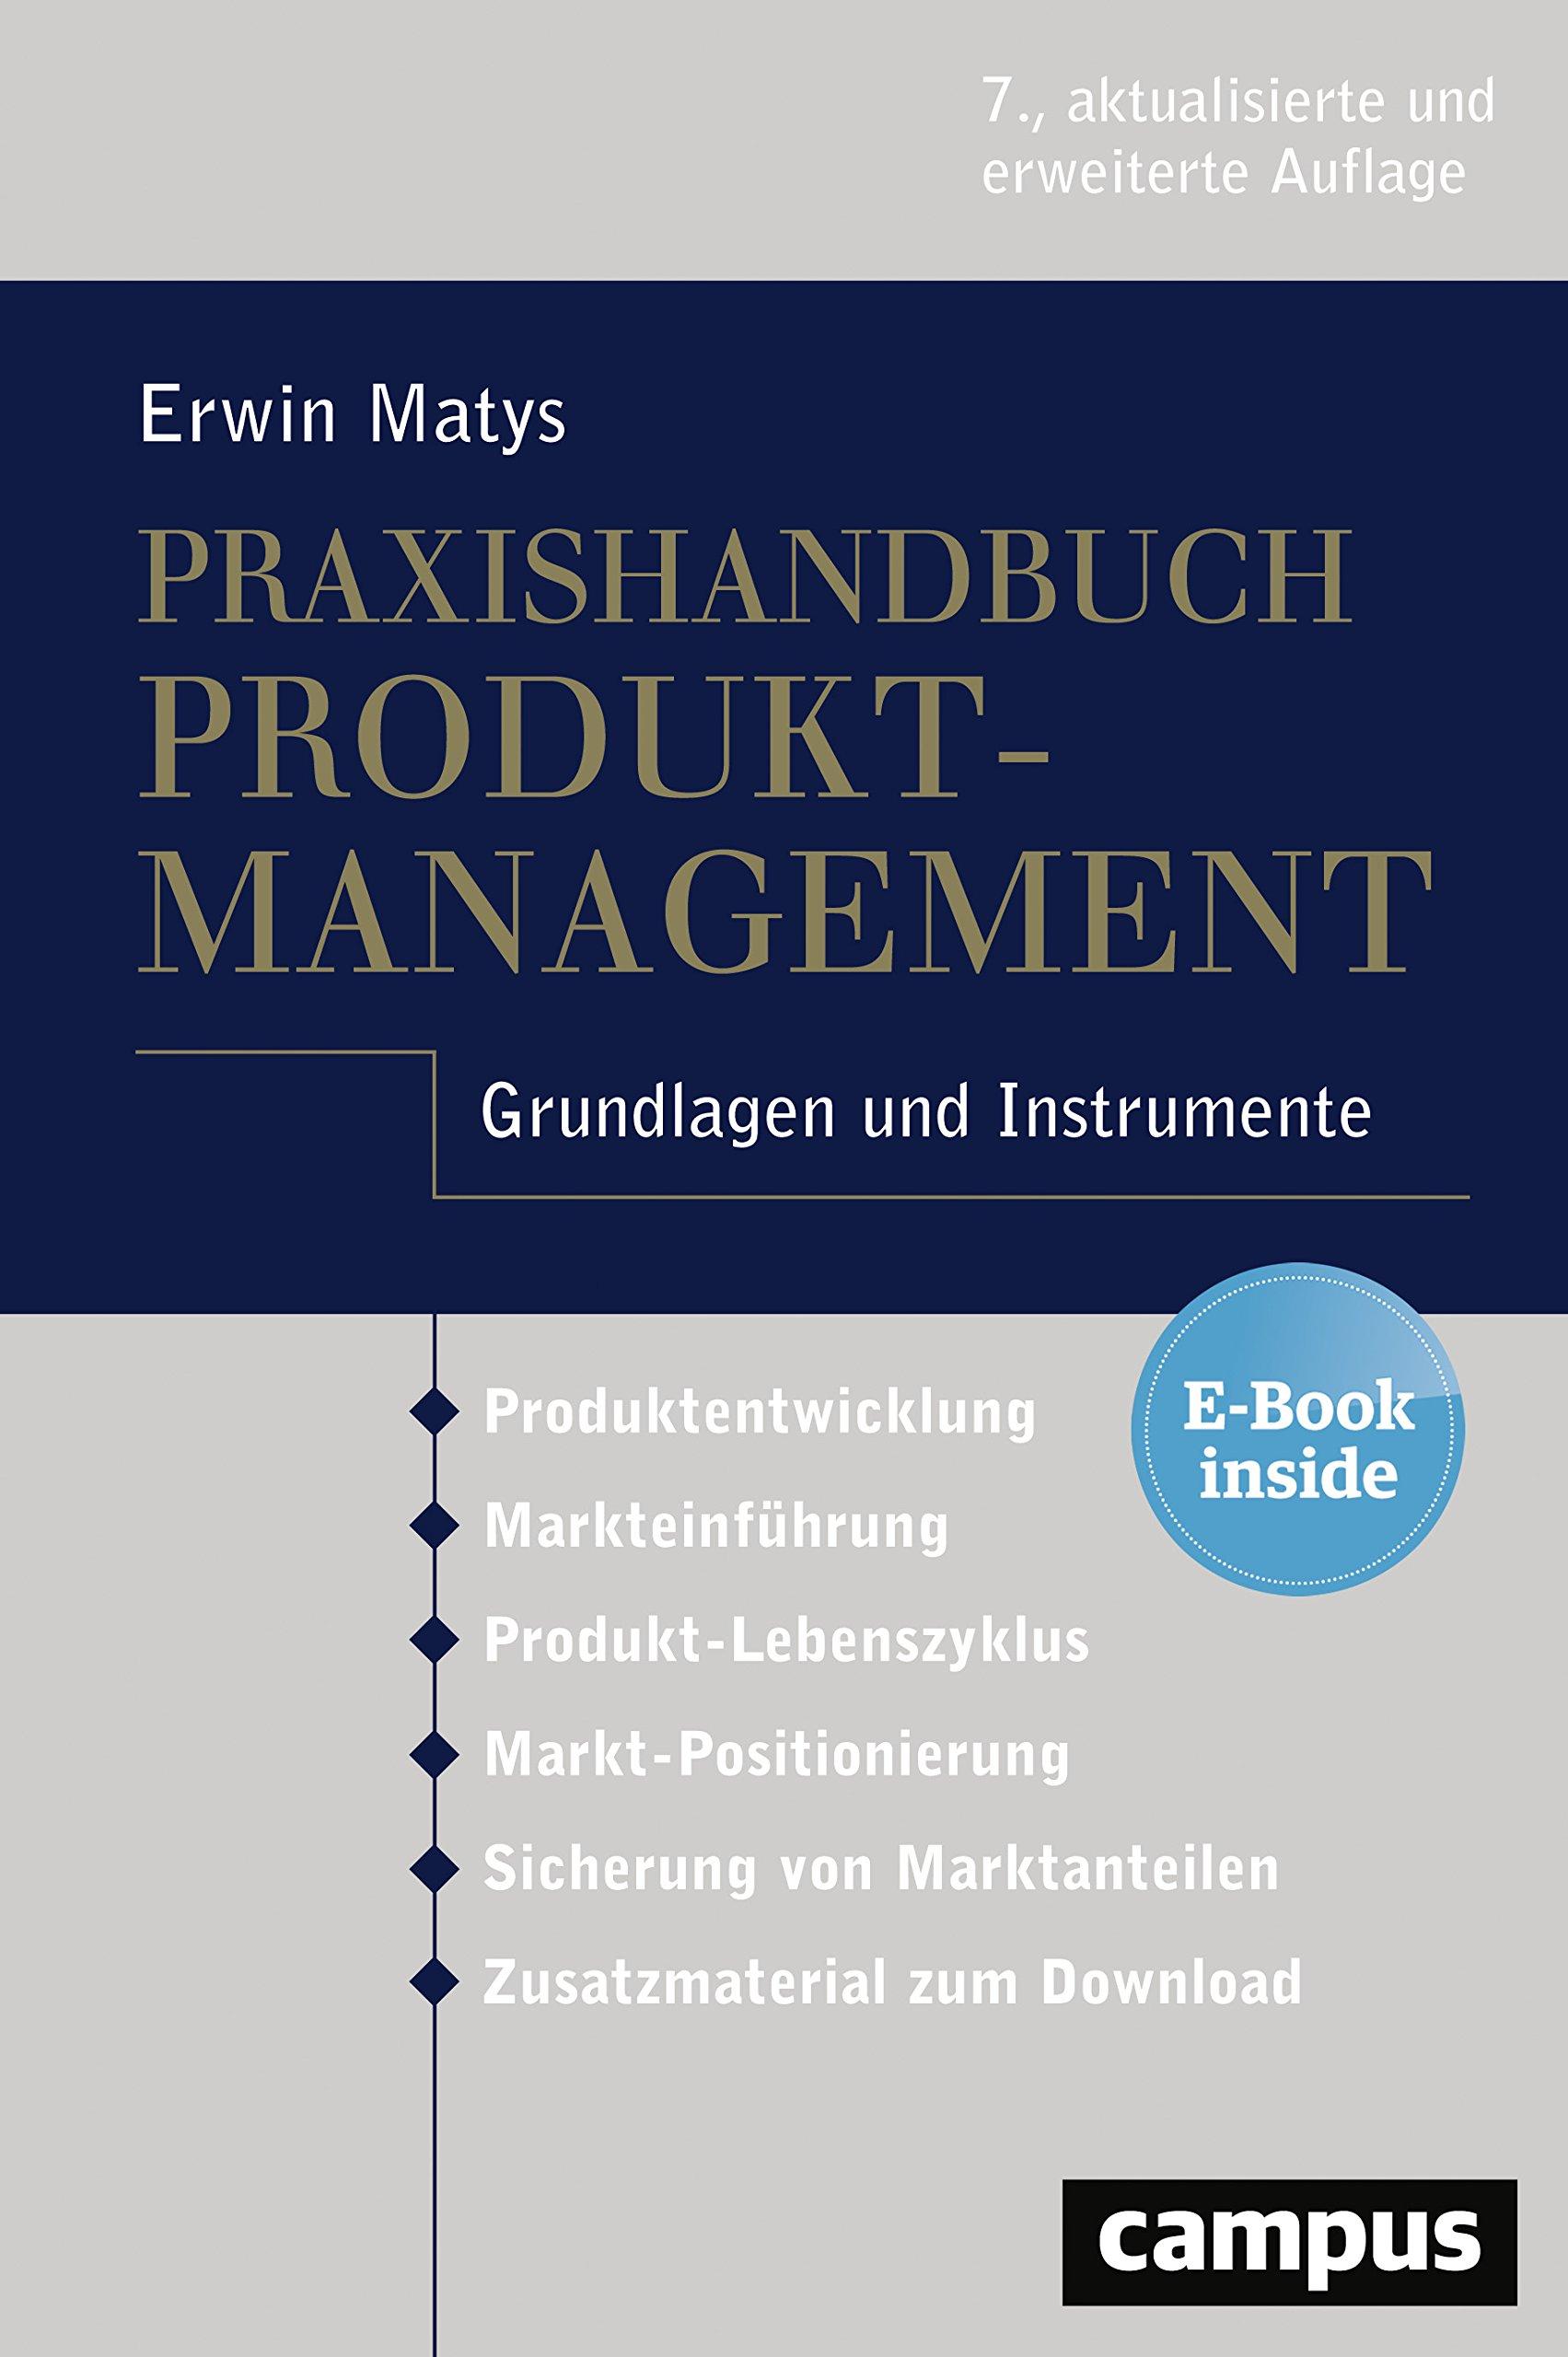 Praxishandbuch Produktmanagement: Grundlagen und Instrumente, plus E-Book inside (ePub, mobi oder pdf) Gebundenes Buch – 8. März 2018 Erwin Matys Campus Verlag 3593508567 Absatz / Marketing